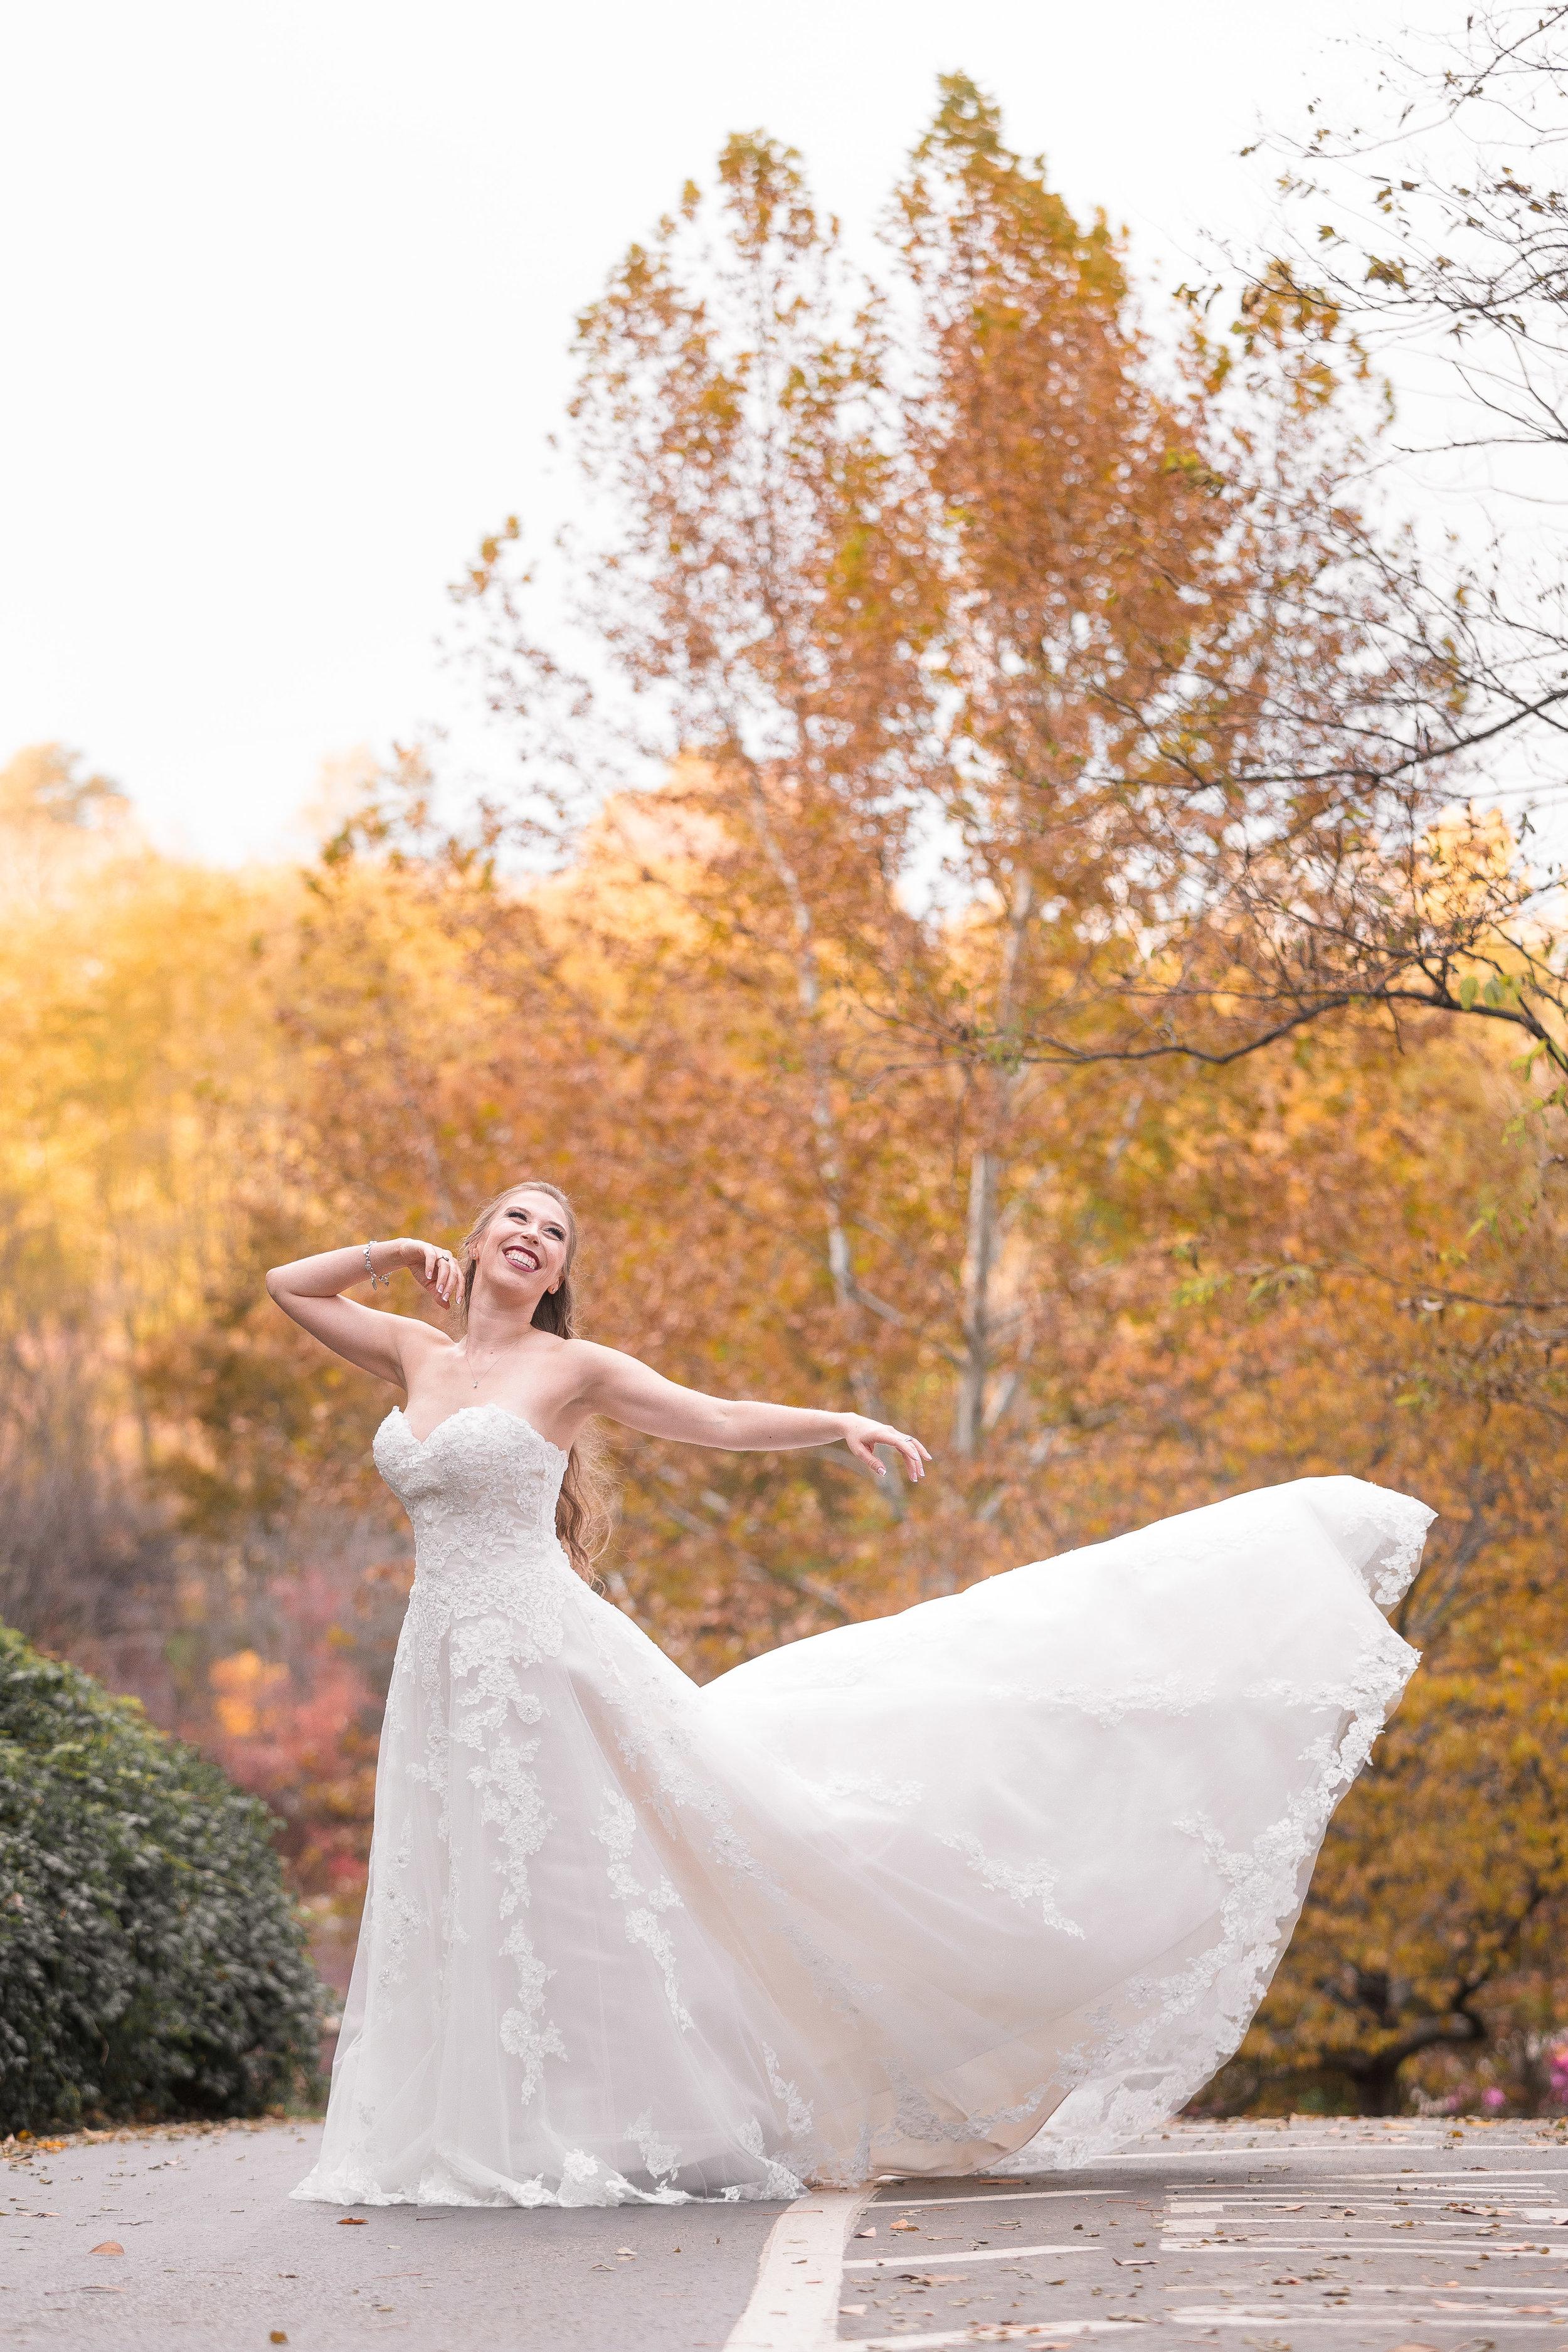 C_Wedding_Spellman, Megan & Tyler_10.27.18-1000.JPG